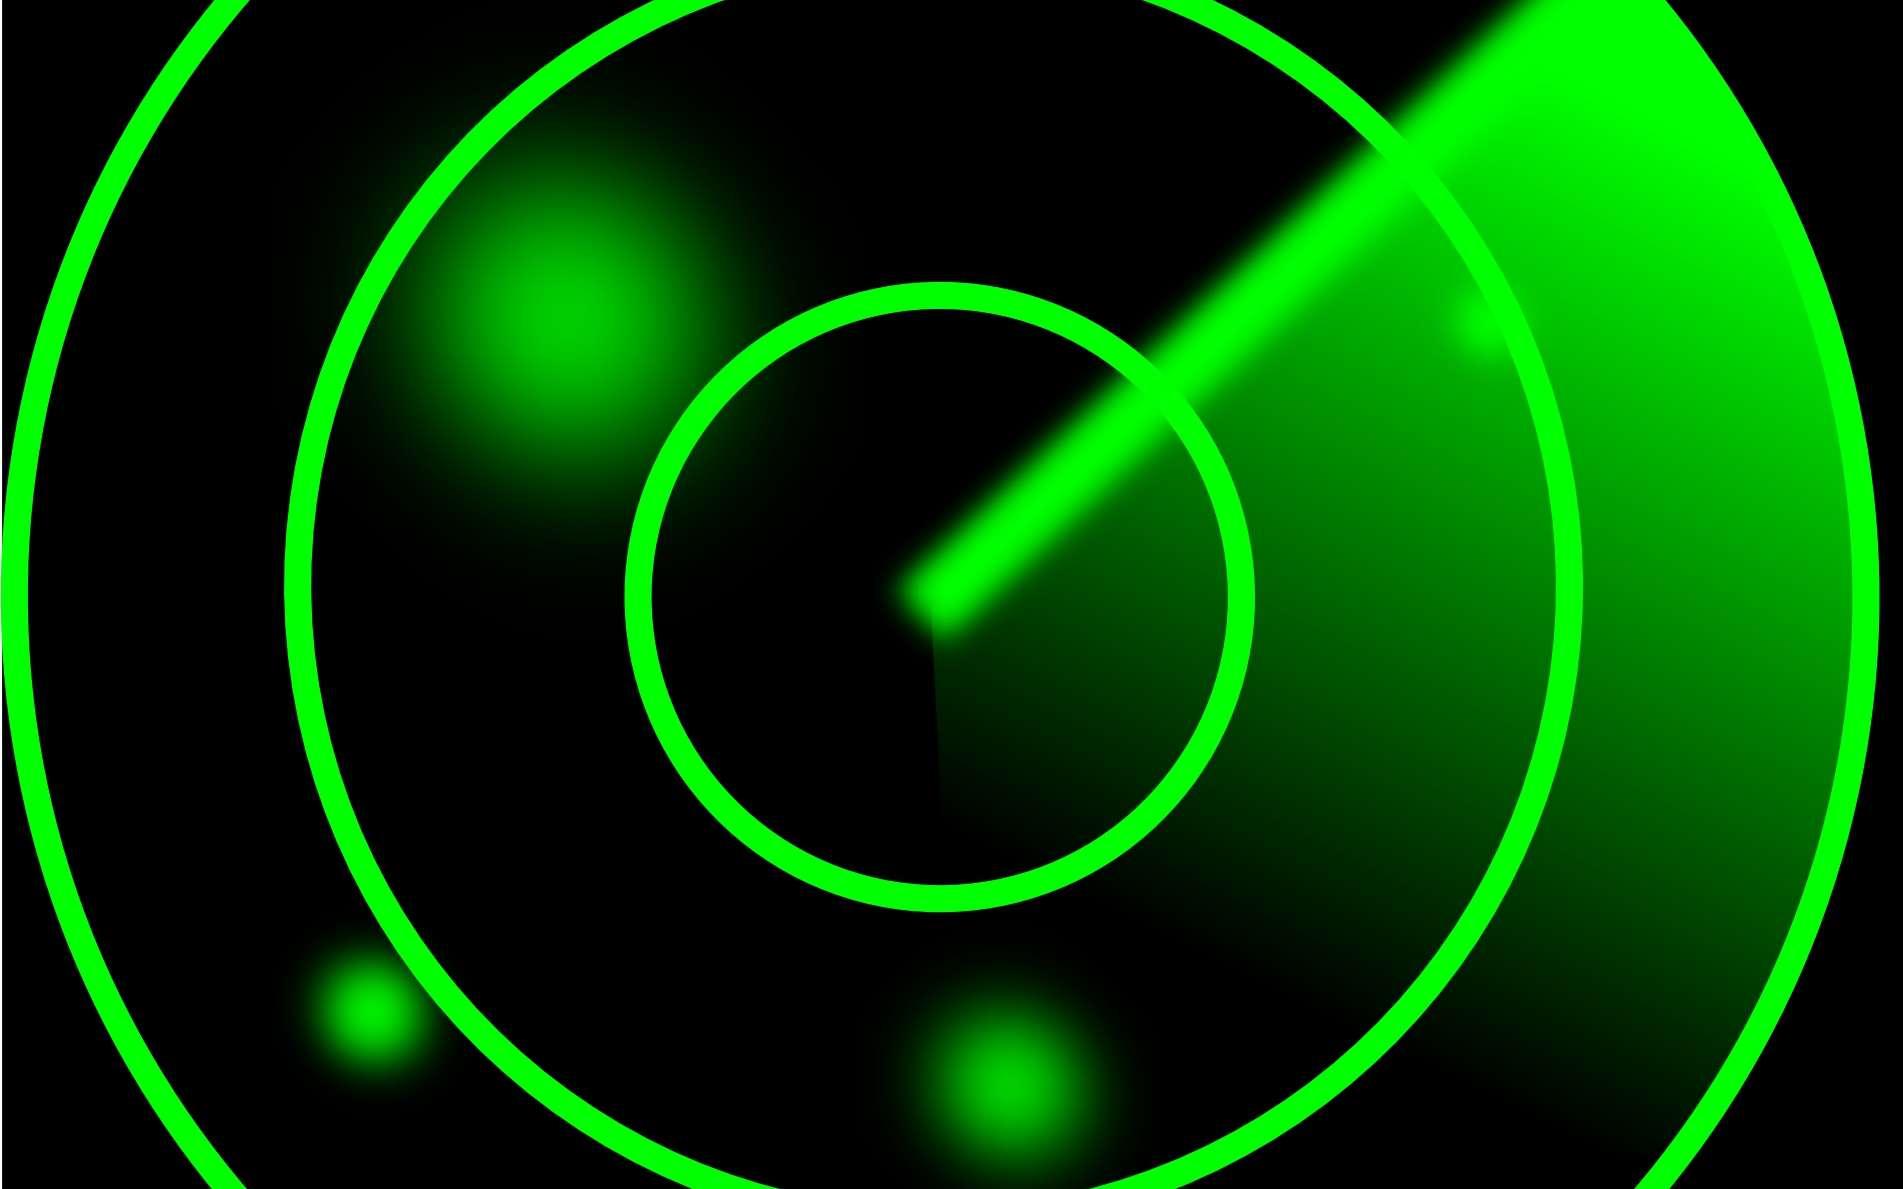 Notre cerveau pourrait réagir comme un radar : par les sons émis puis réfléchis, il serait capable de nous localiser par rapport à d'autres objets, nous rendant ainsi capables d'écholocation. En revanche, lorsqu'il s'agit de l'écho d'un son externe et que celui-ci n'apporte pas d'information sur la localisation d'un objet, alors il supprime ce double inutile du signal. © Nemo, pixabay.com, DP